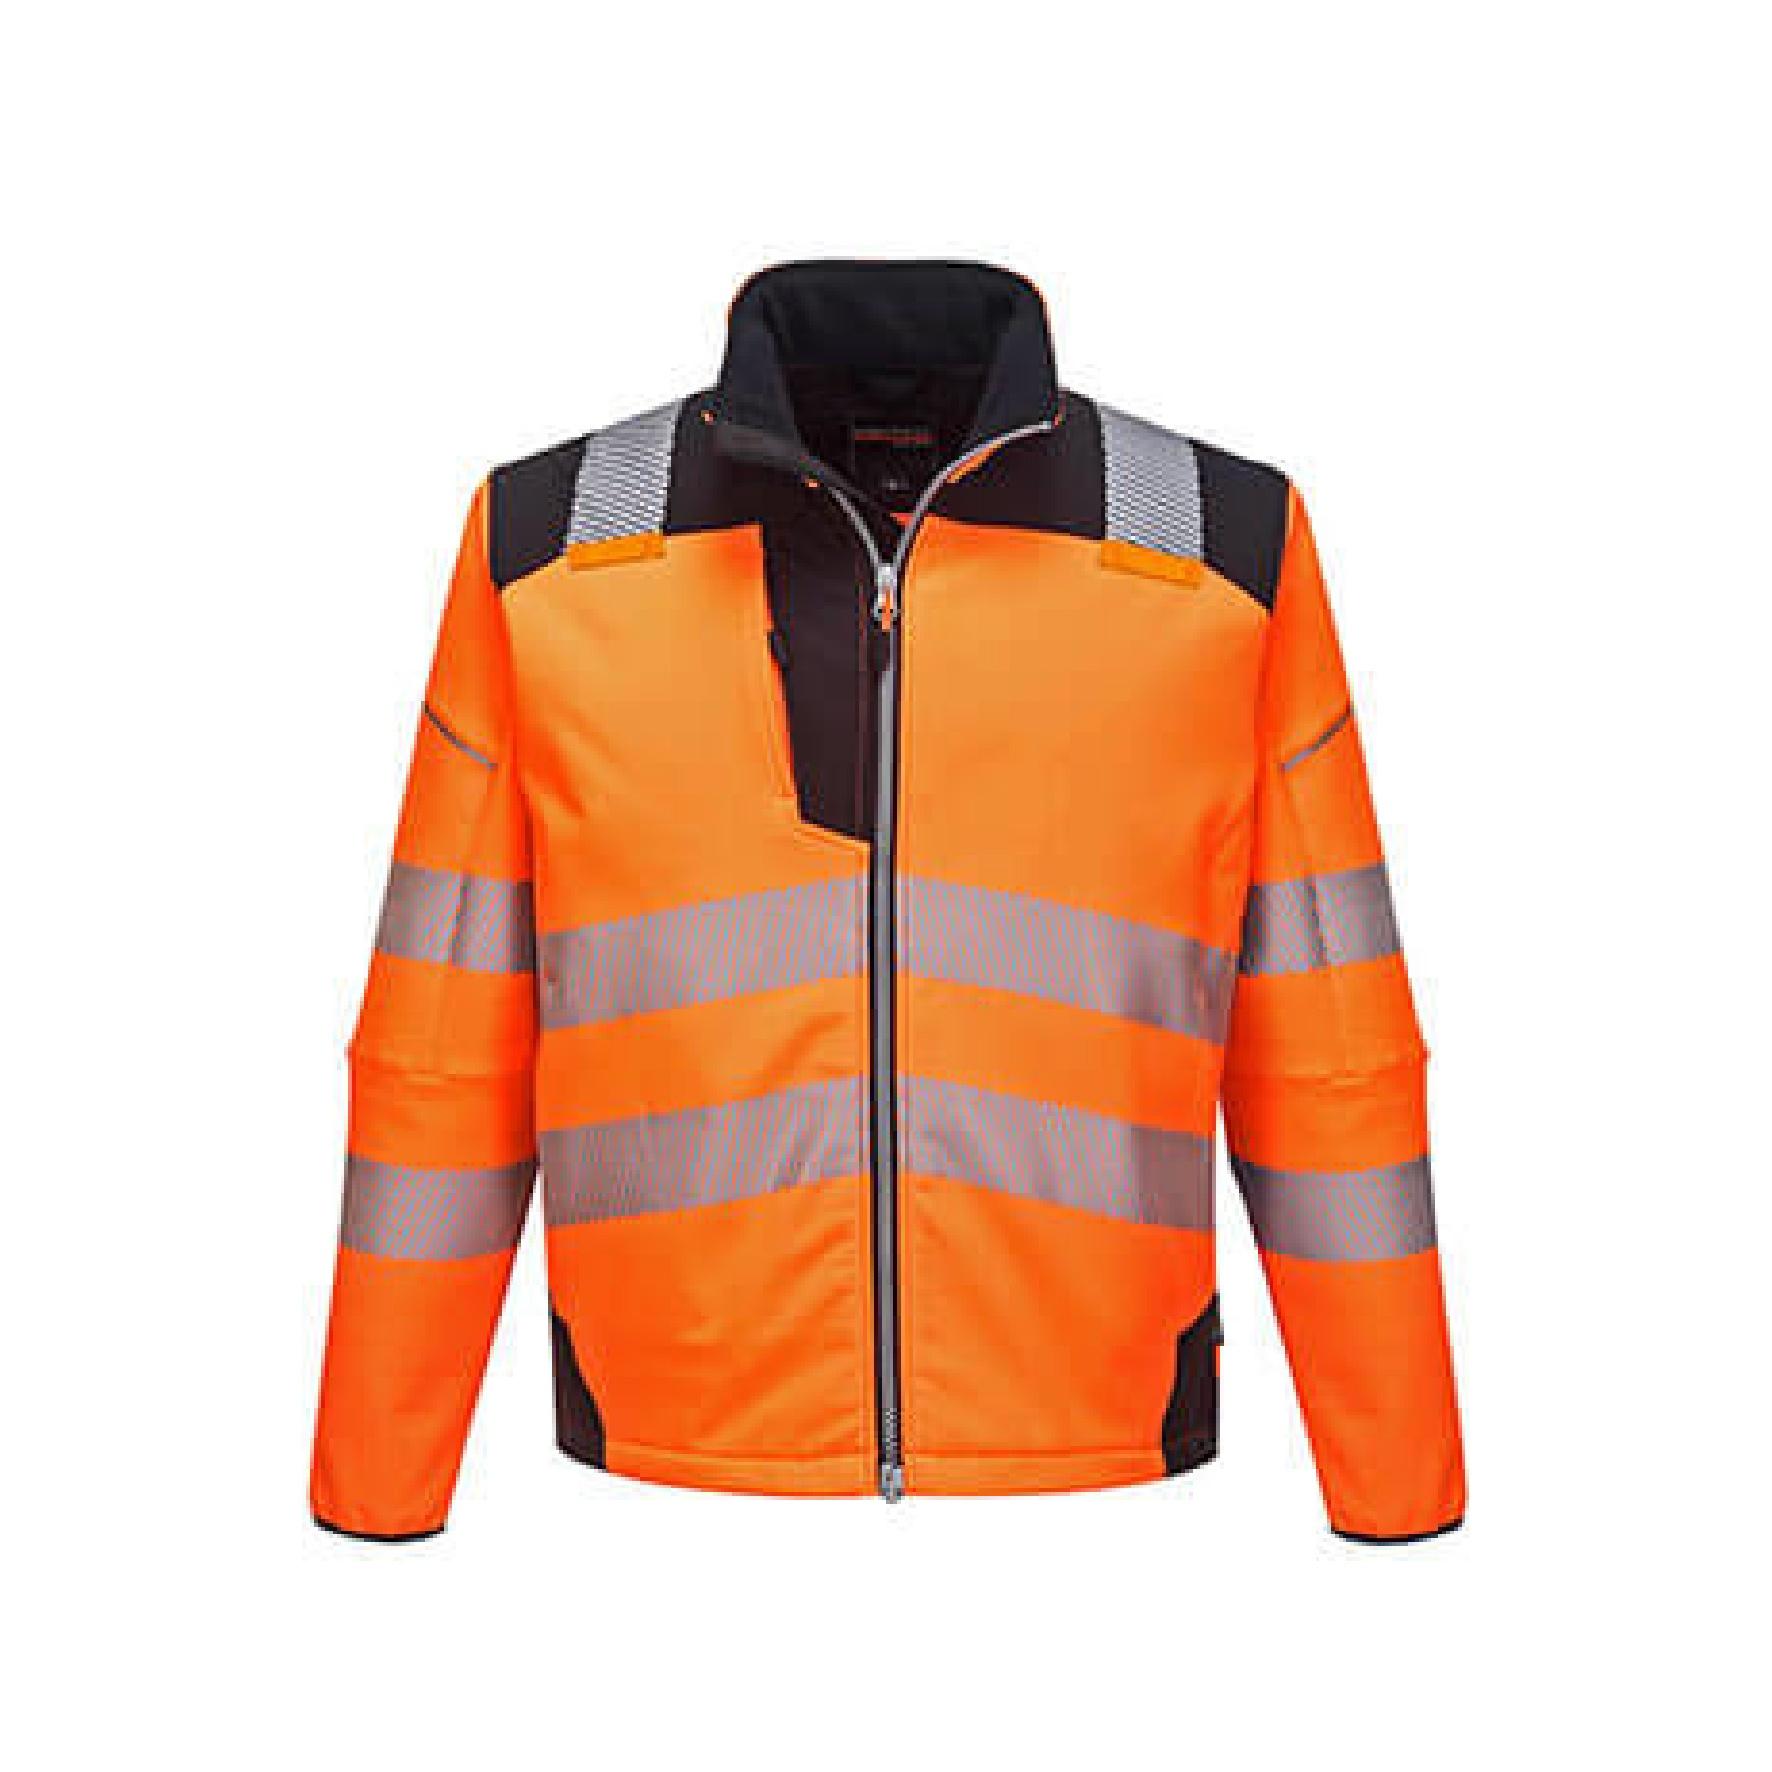 Redrok Workwear Centre Plymouth - Hi-Vis Lite Bomber Jacket - Hi-Vis Softshell Jacket - Orange/Black